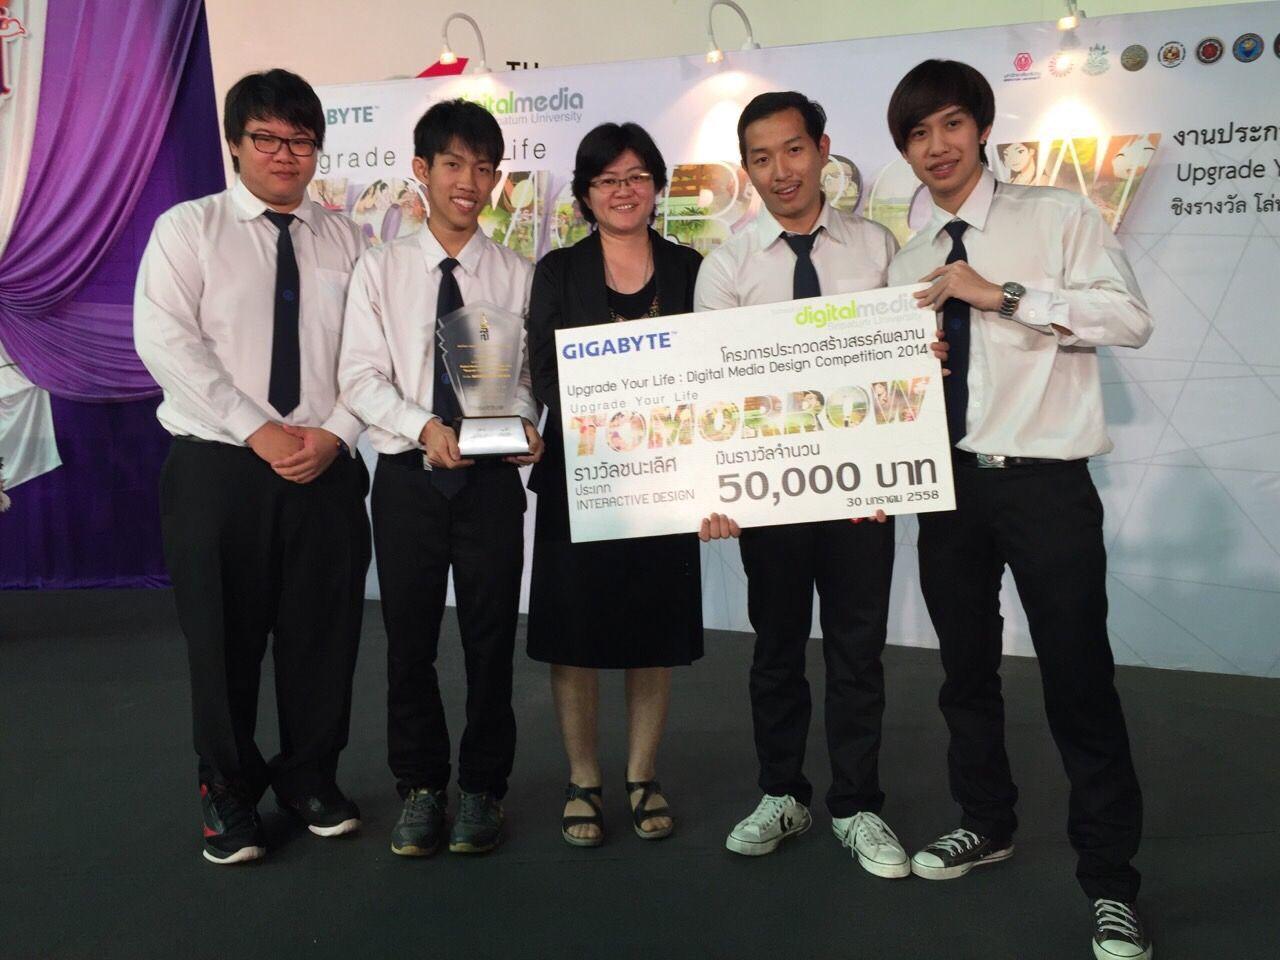 นักศึกษาภาควิชาคอมพิวเตอร์กราฟิก คณะศิลปกรรมศาสตร์คว้ารางวัลชนะเลิศโล่ห์พระราชทานจากสมเด็จพระเทพรัตนราชสุดา สยามบรมราชกุมารี ในการประกวดออกแบบดิจิตอลมีเดีย ในประเภทสื่อเชิงโต้ตอบระดับมหาวิทยาลัยทั่วประเทศ จัดโดยมหาวิทยาลัยศรีปทุม..